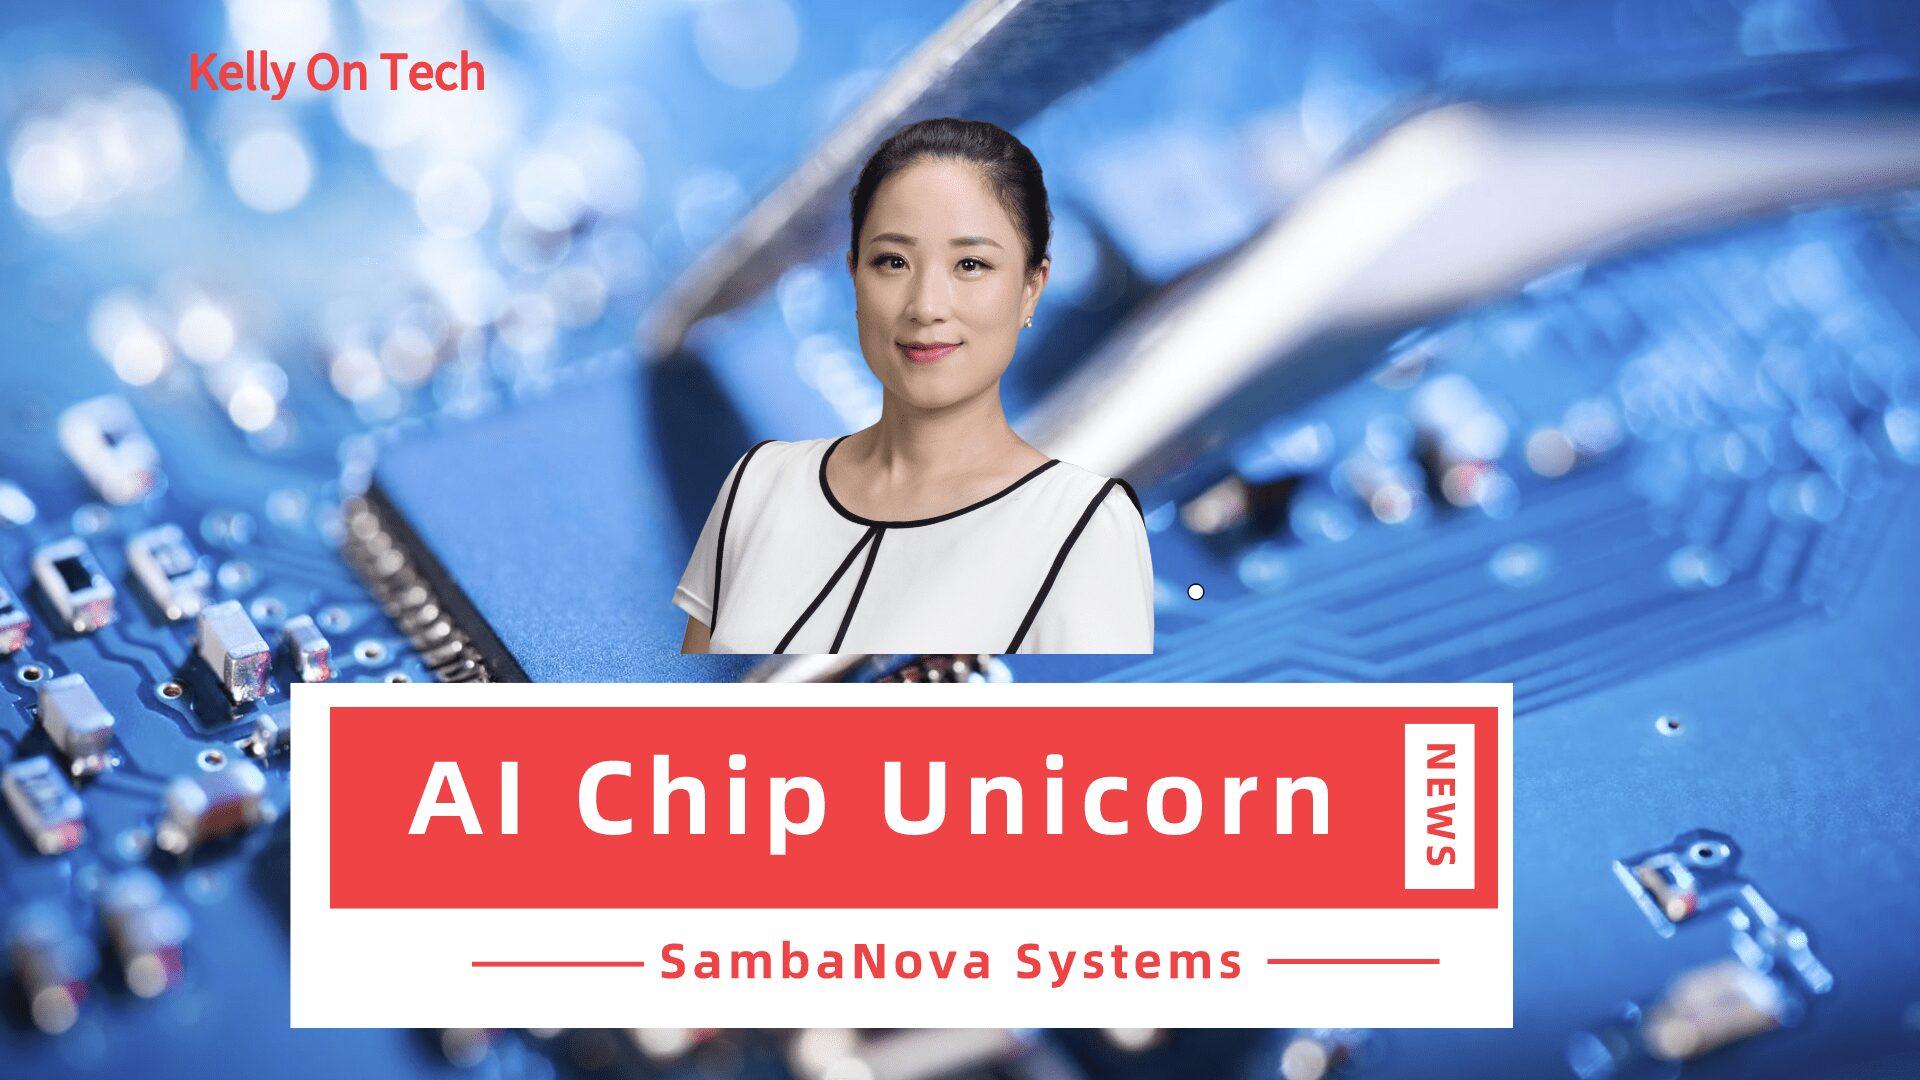 SambaNova Systems AI chip unicorn_KellyOnTech